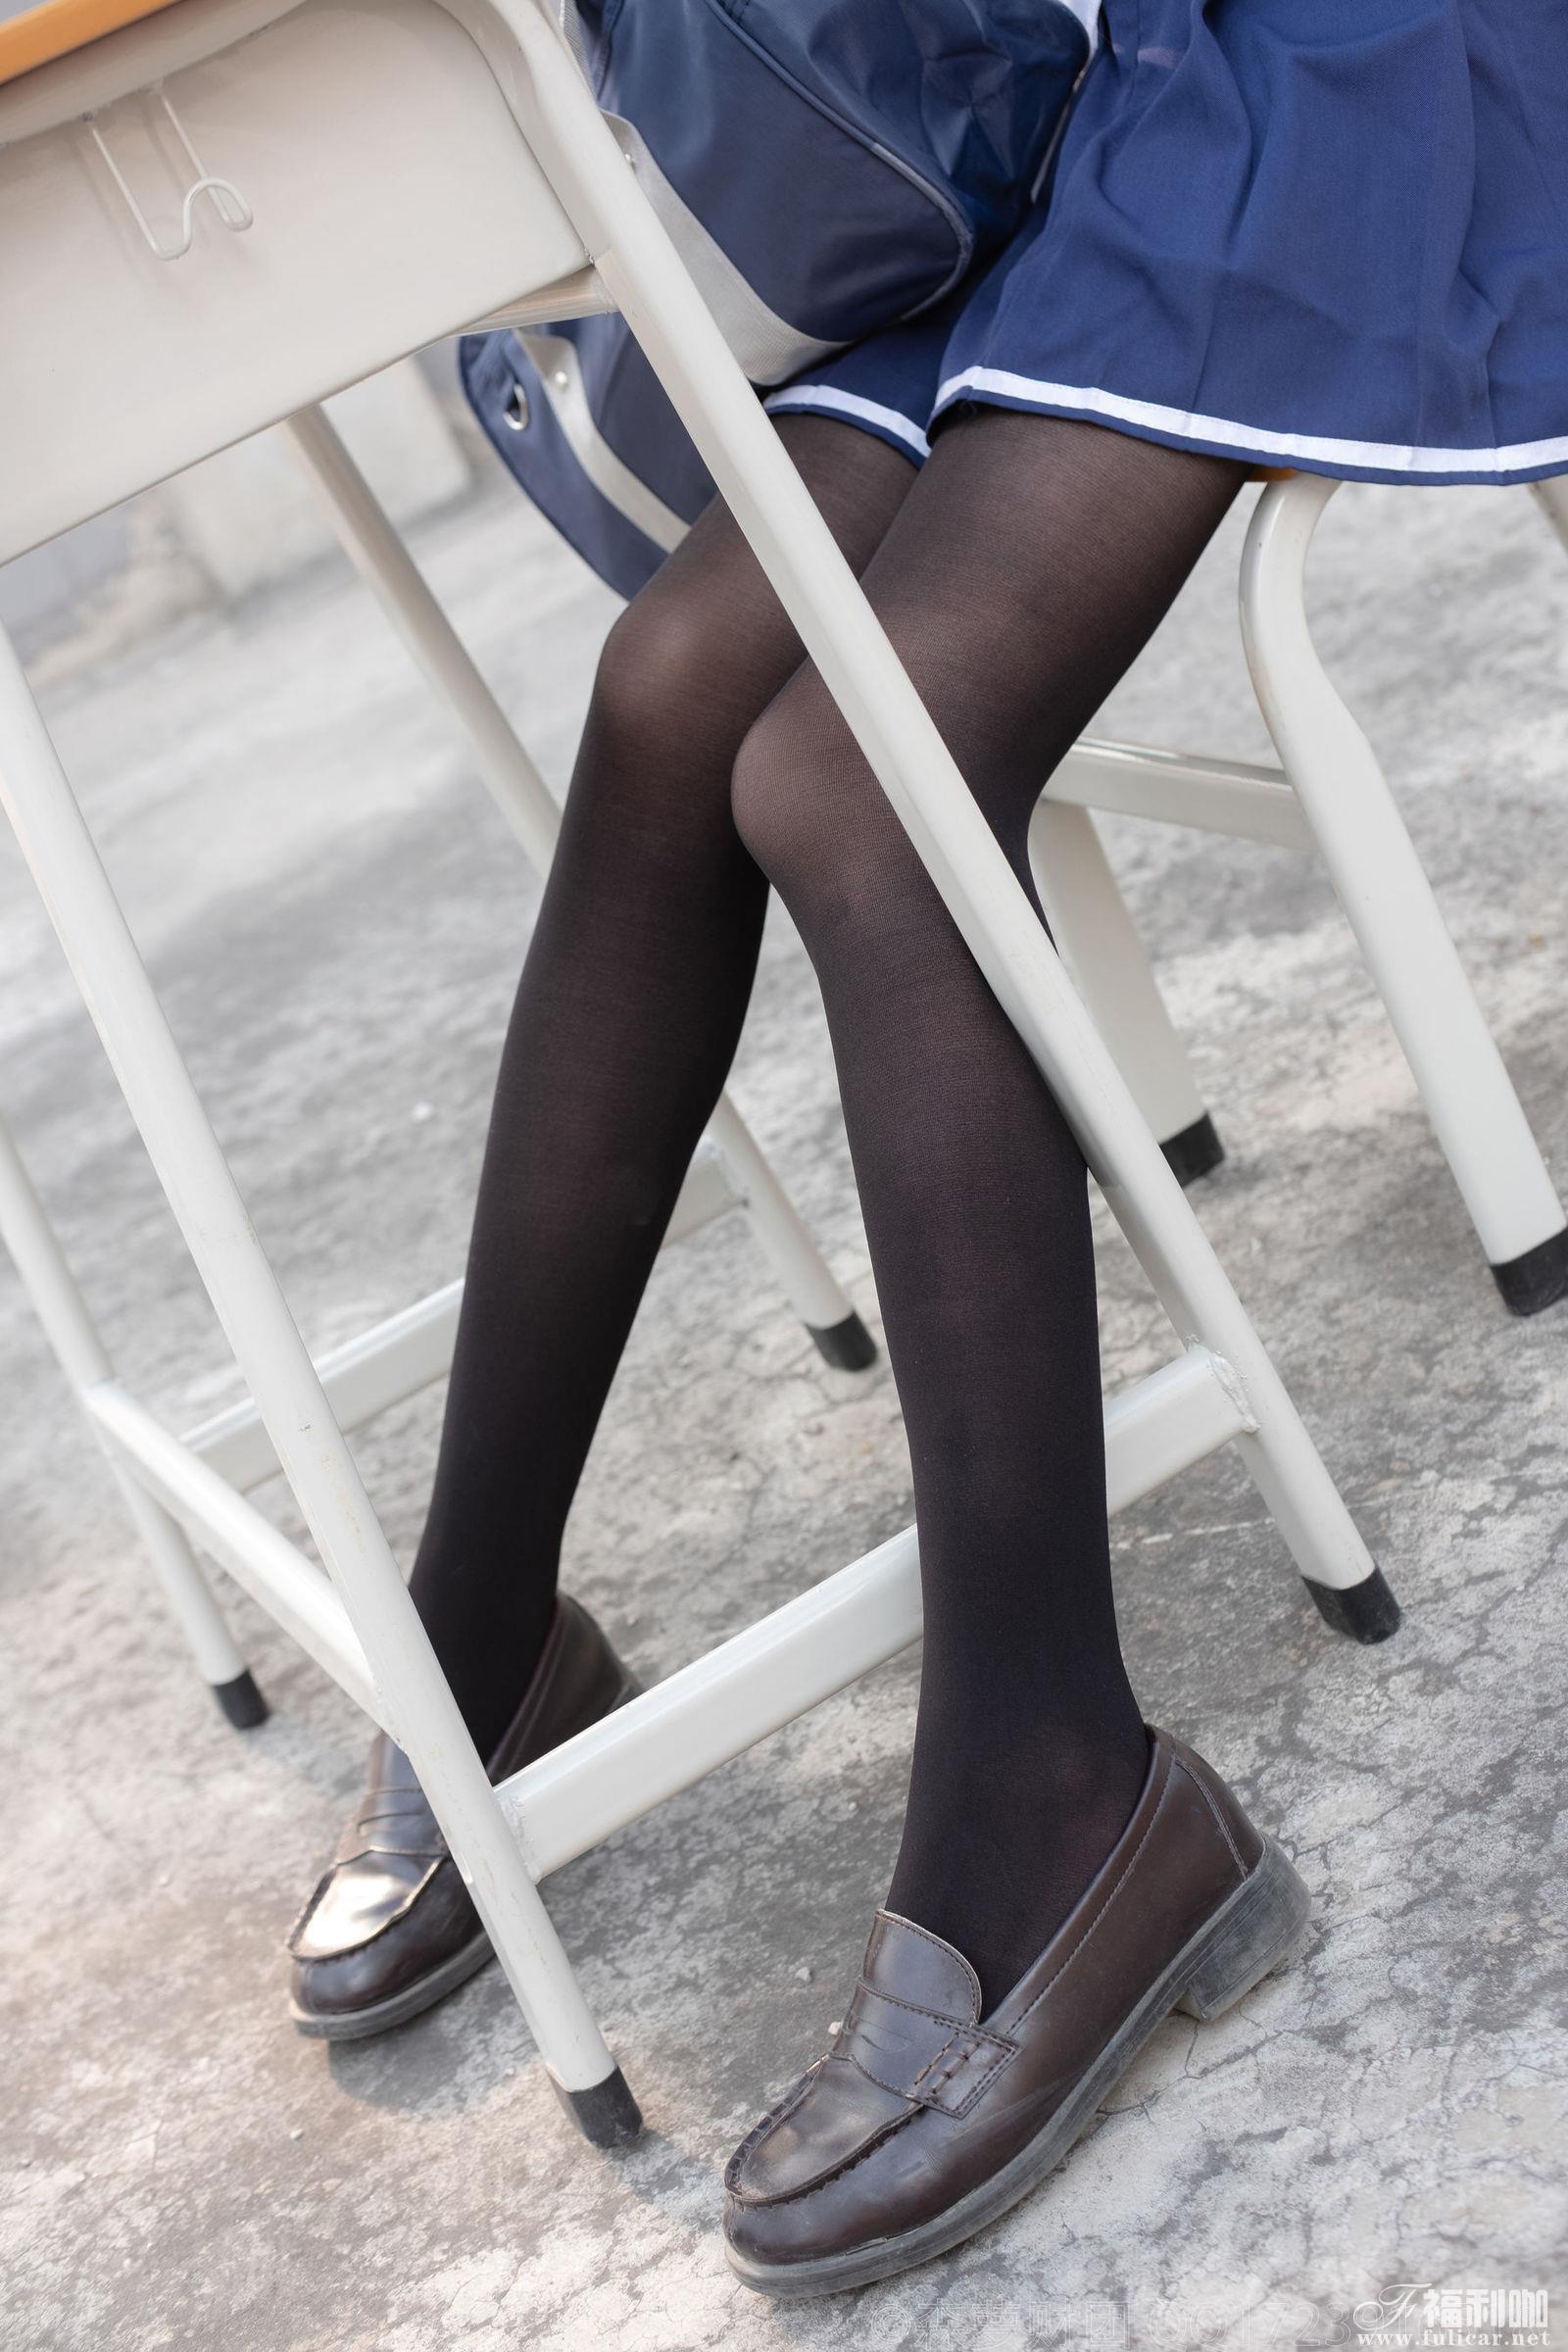 天台萝莉黑丝水手服写真